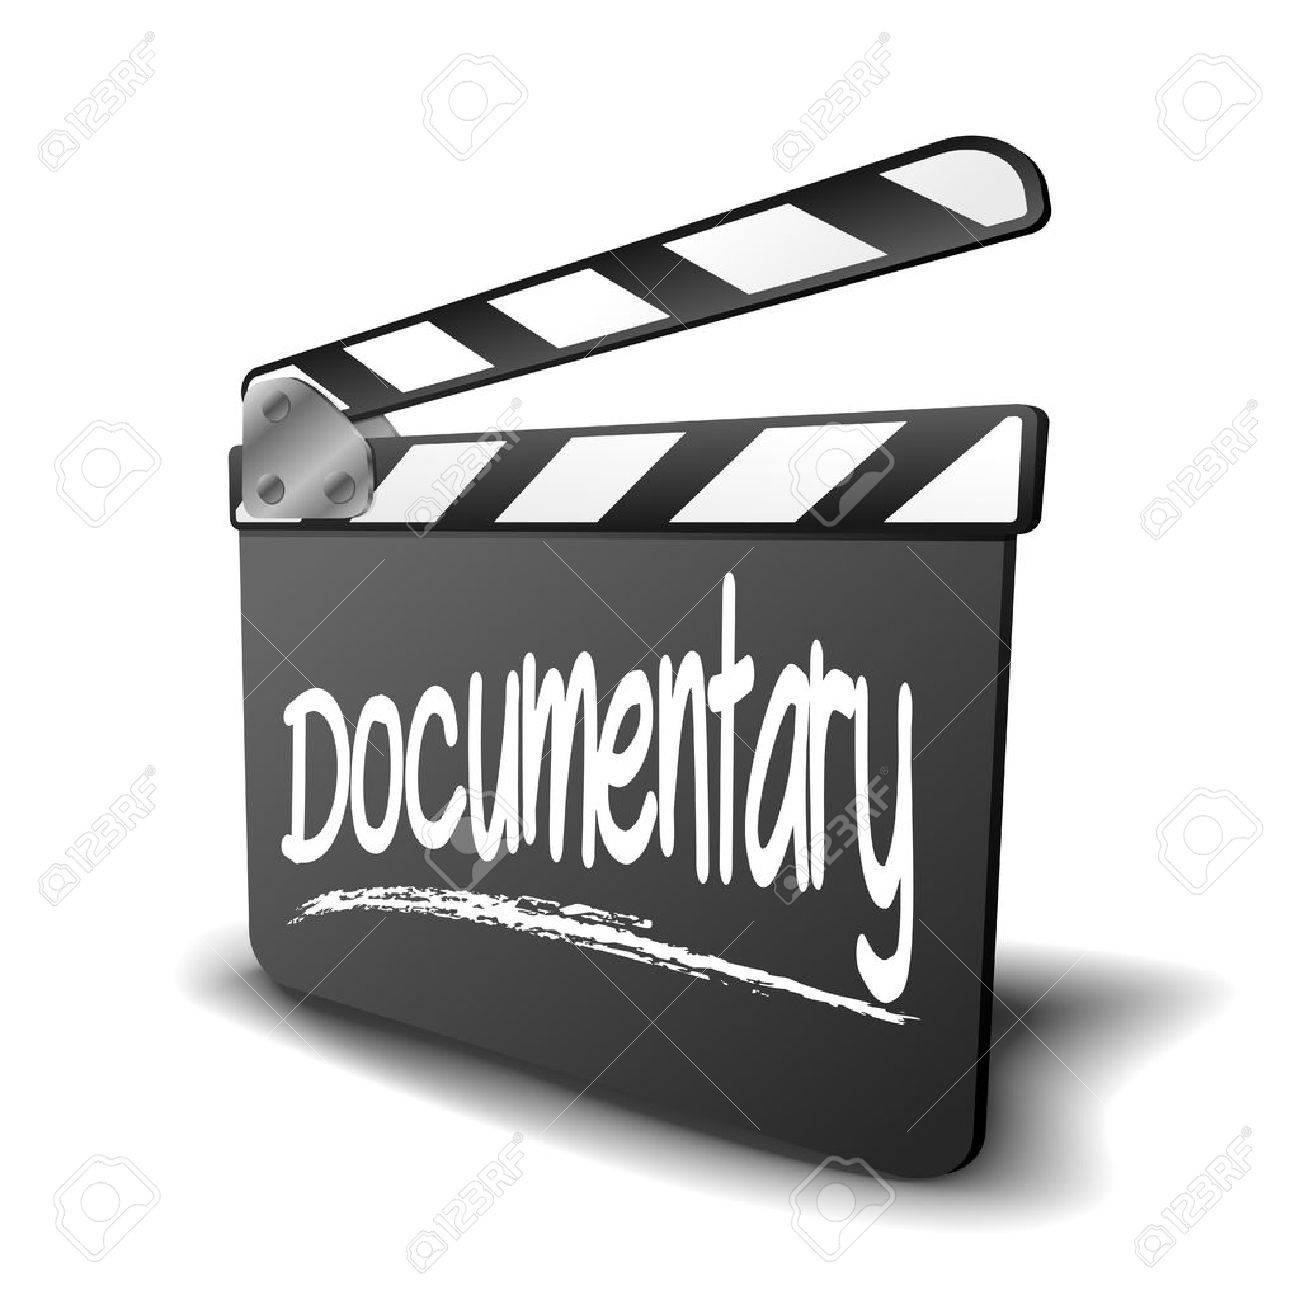 Banque d'images - Illustration détaillée d'un panneau de clapet pour une  durée Documentaire, symbole pour le cinéma et le genre de vidéo